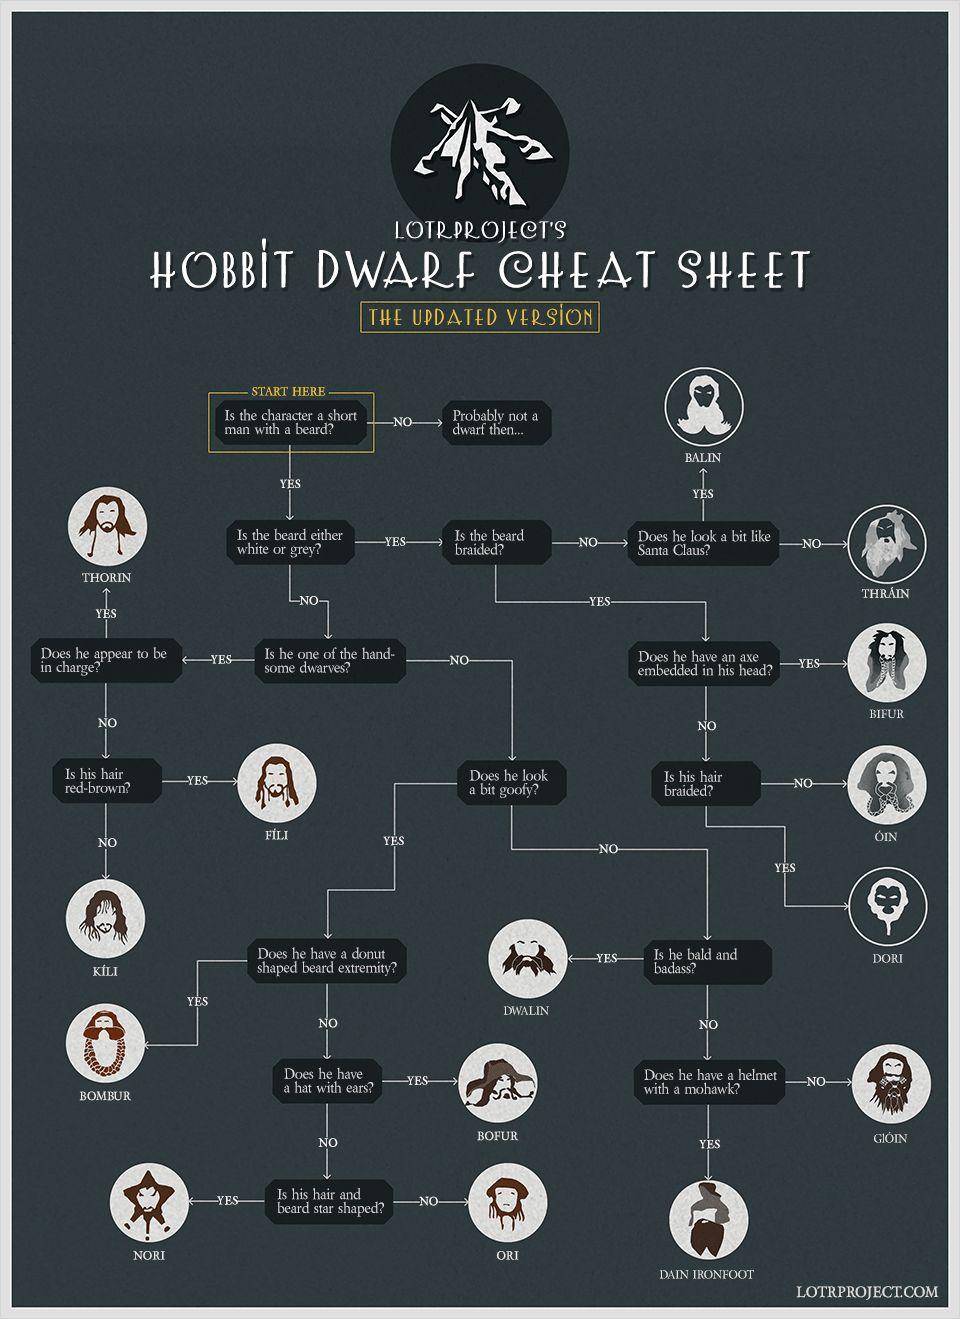 hobbit-liste-lotr-gorsel-001